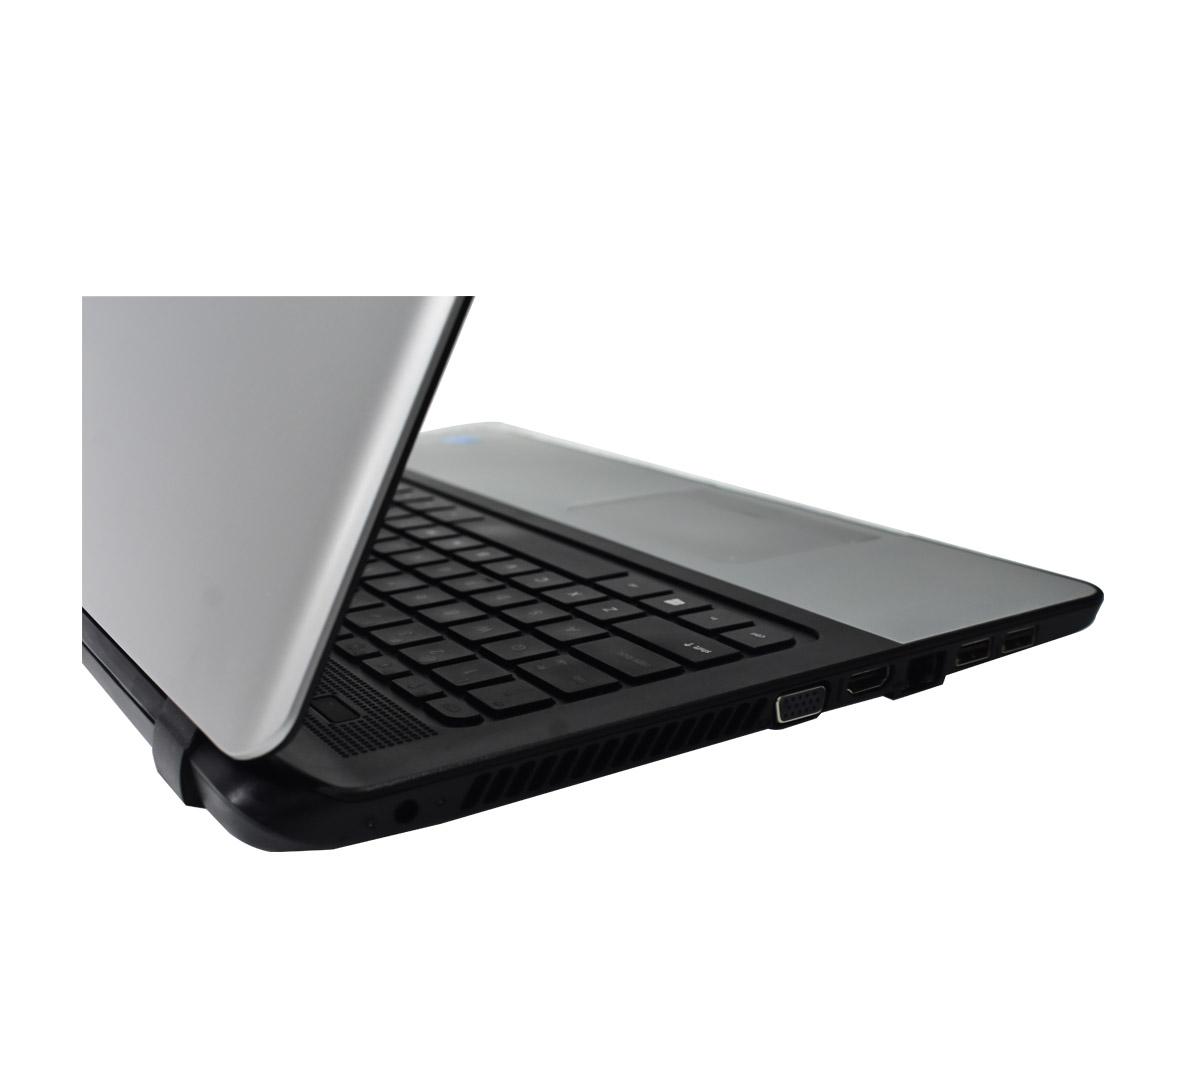 HP 350 G1 Business Laptop, Intel Core i5-4200U CPU, 8GB DDR3L SODIMM RAM, 256GB SSD 2.5, 15 inch Display, Windows 10 pro (Refurbished)